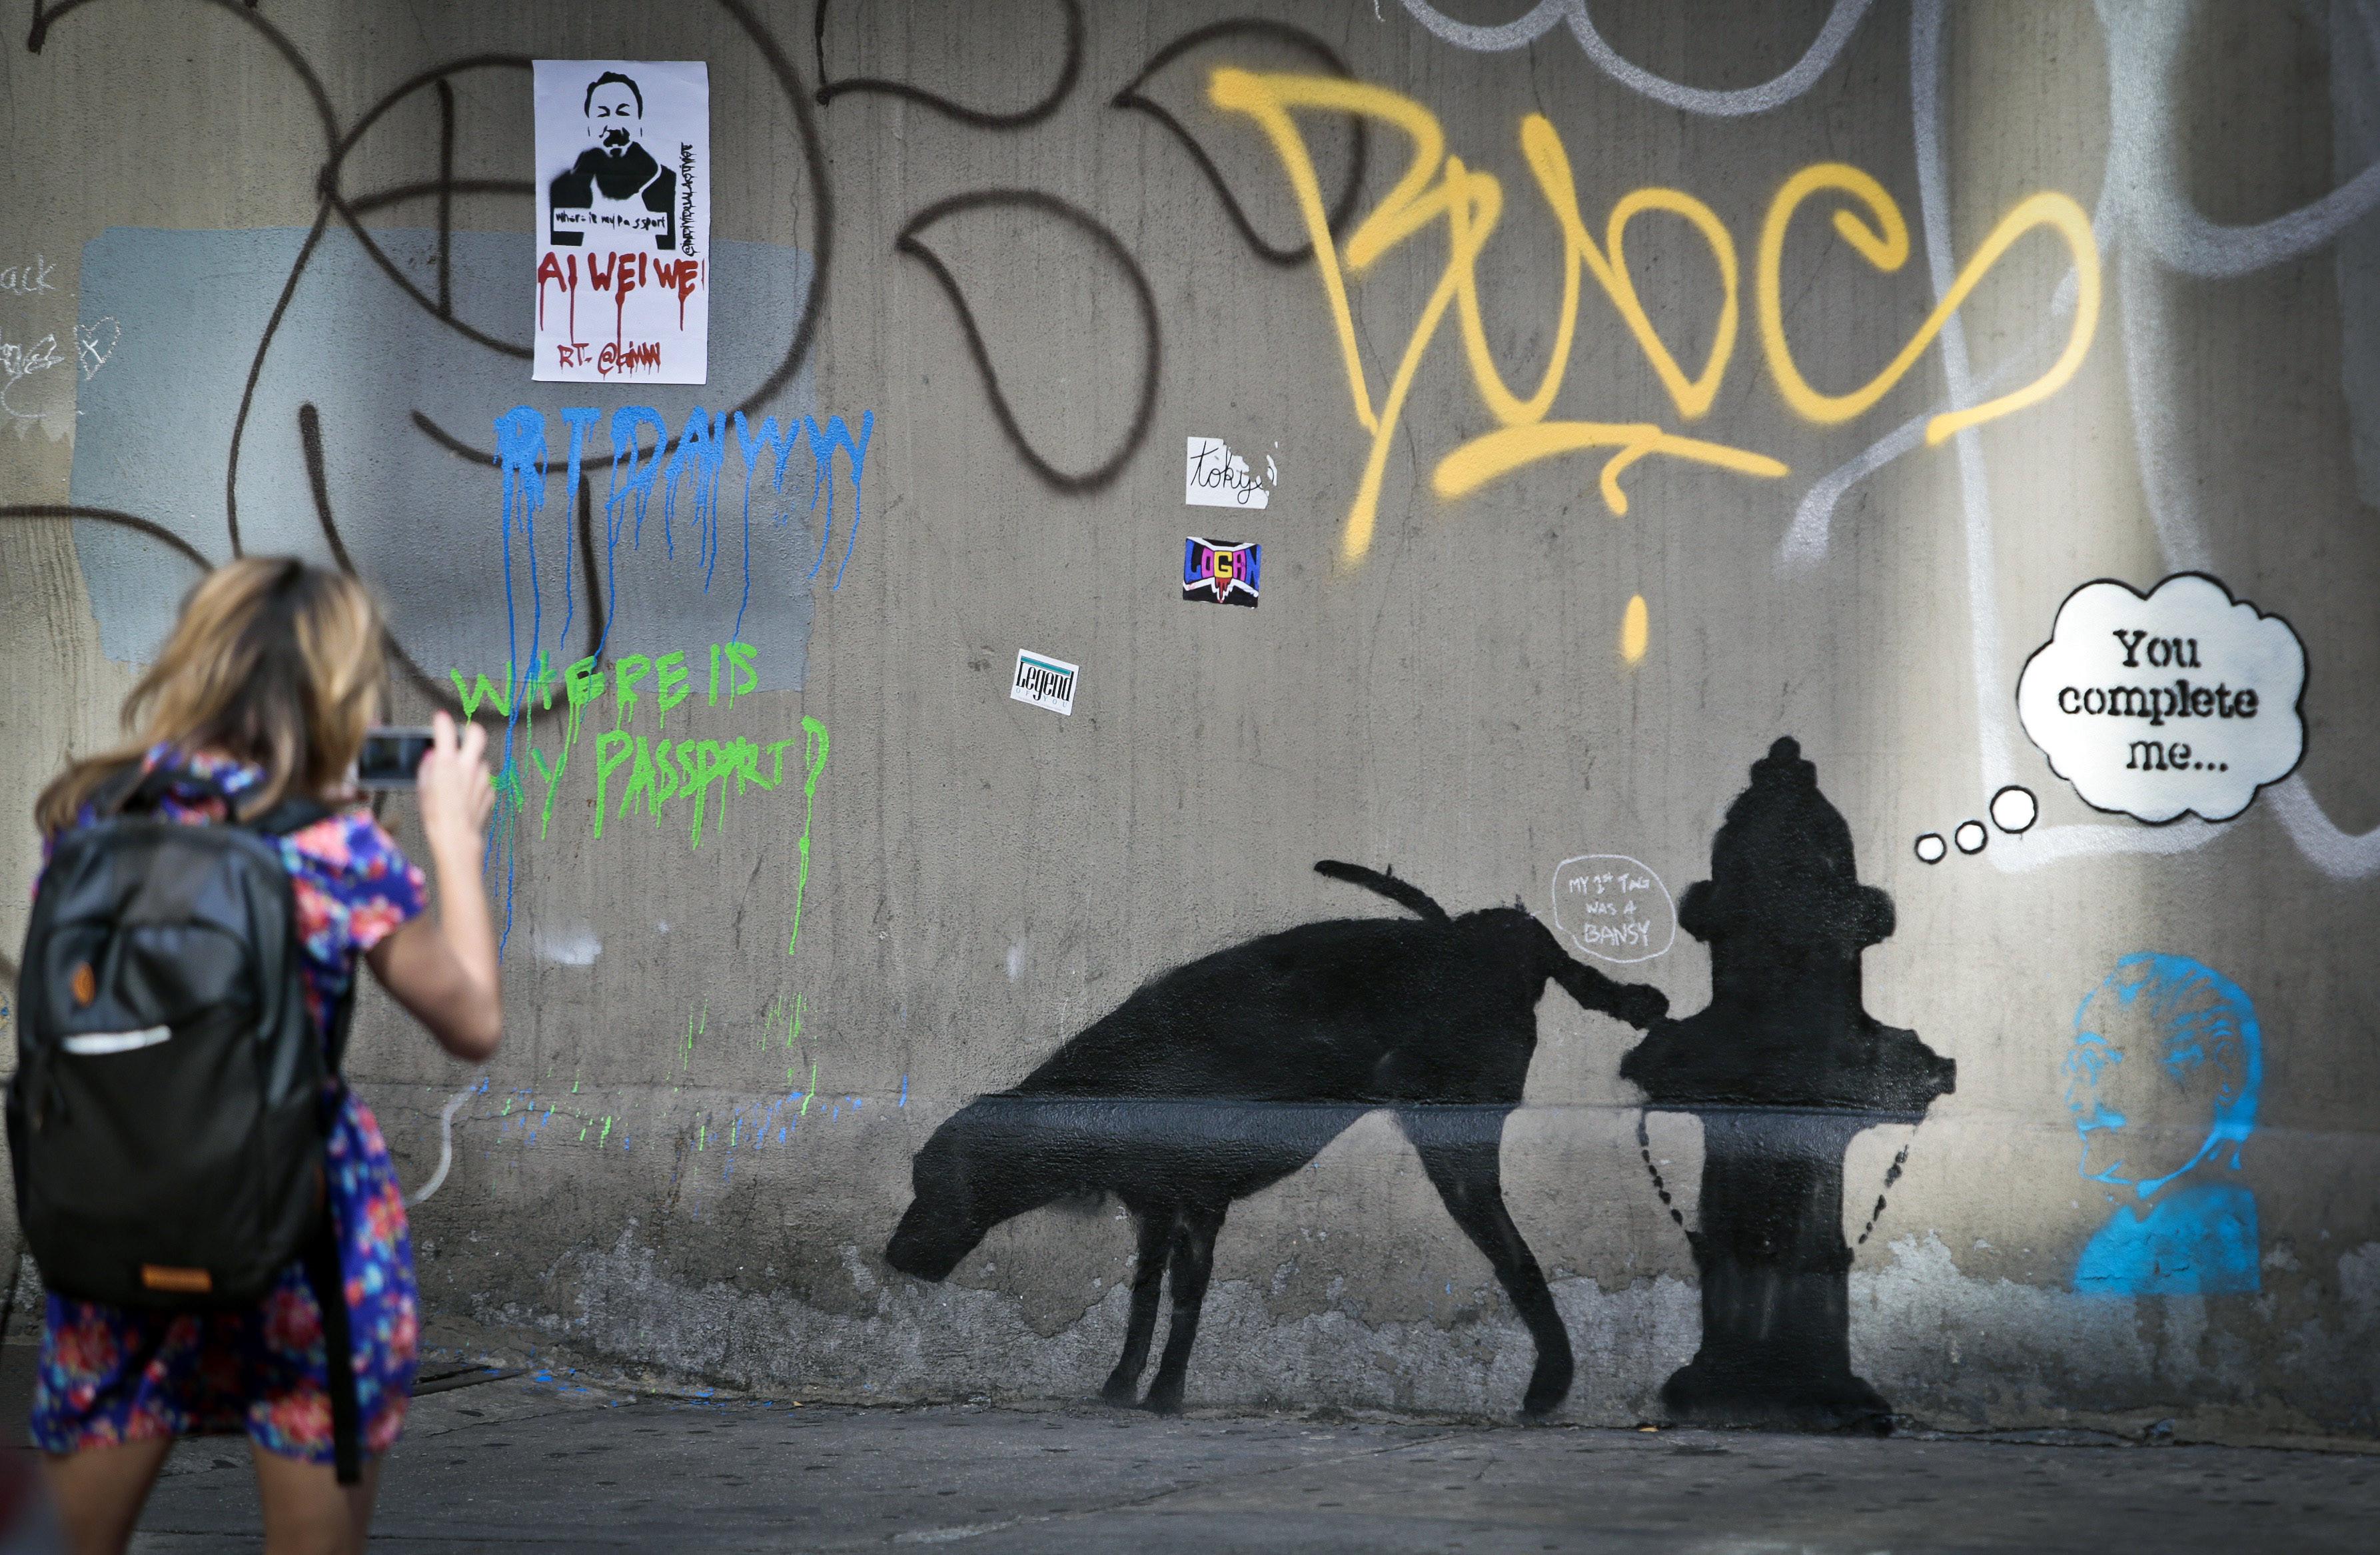 2013-10-30-banksy2.jpg